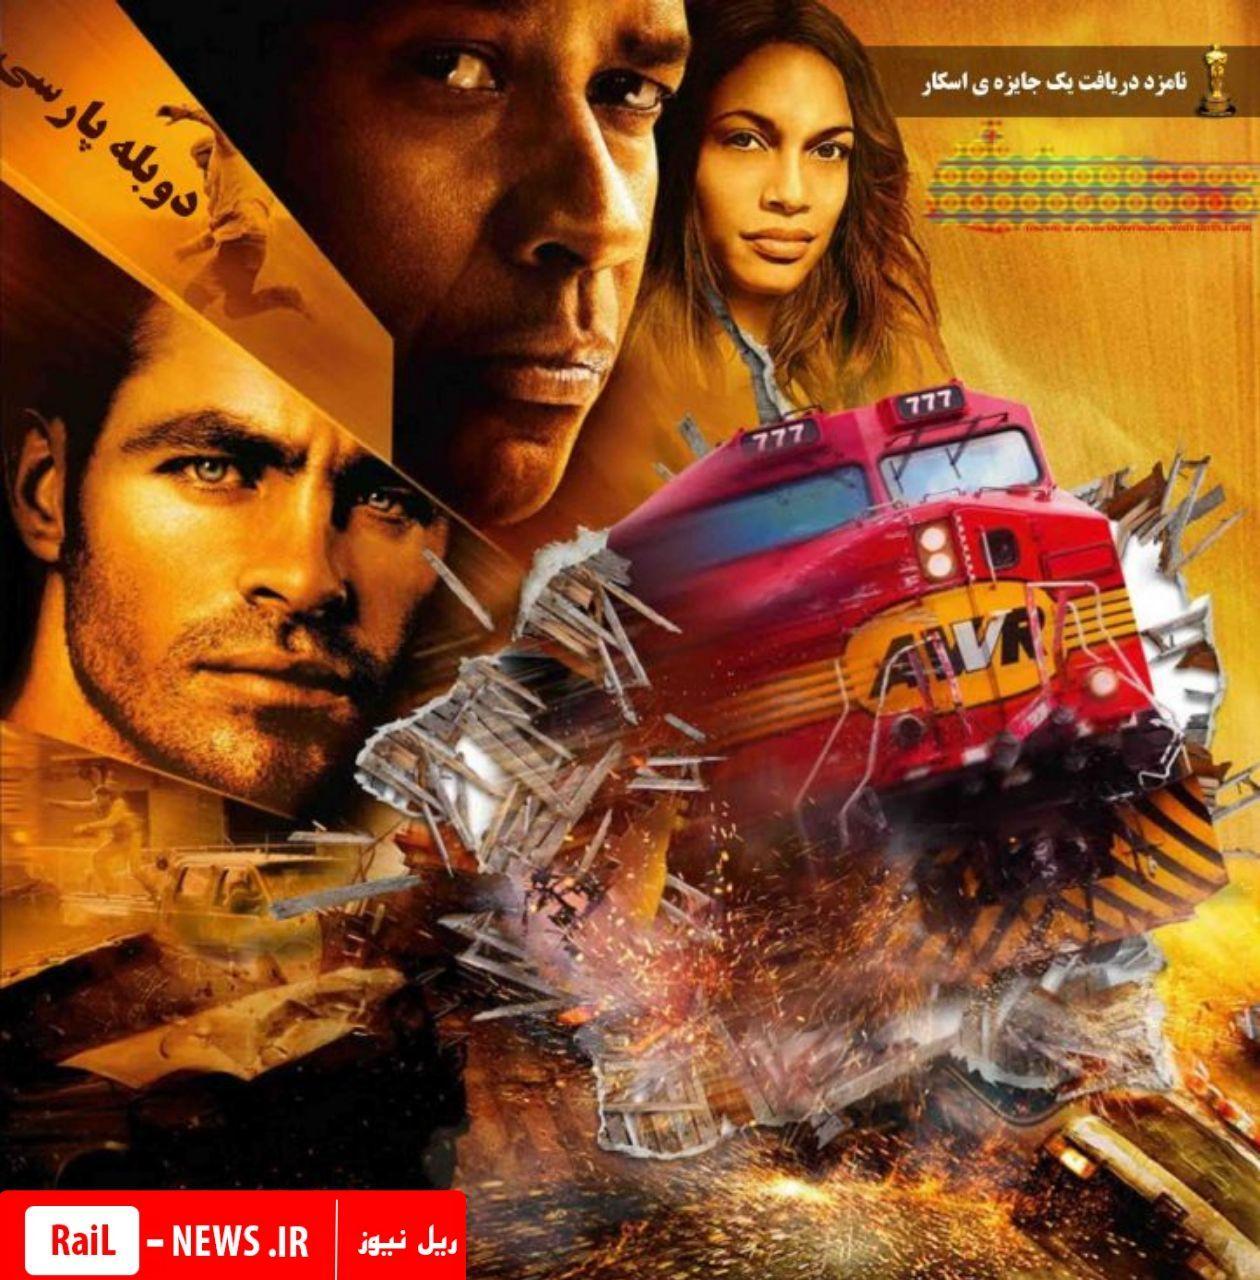 دانلود فیلم توقف ناپذیرUnstoppable 2010دوبله فارسی